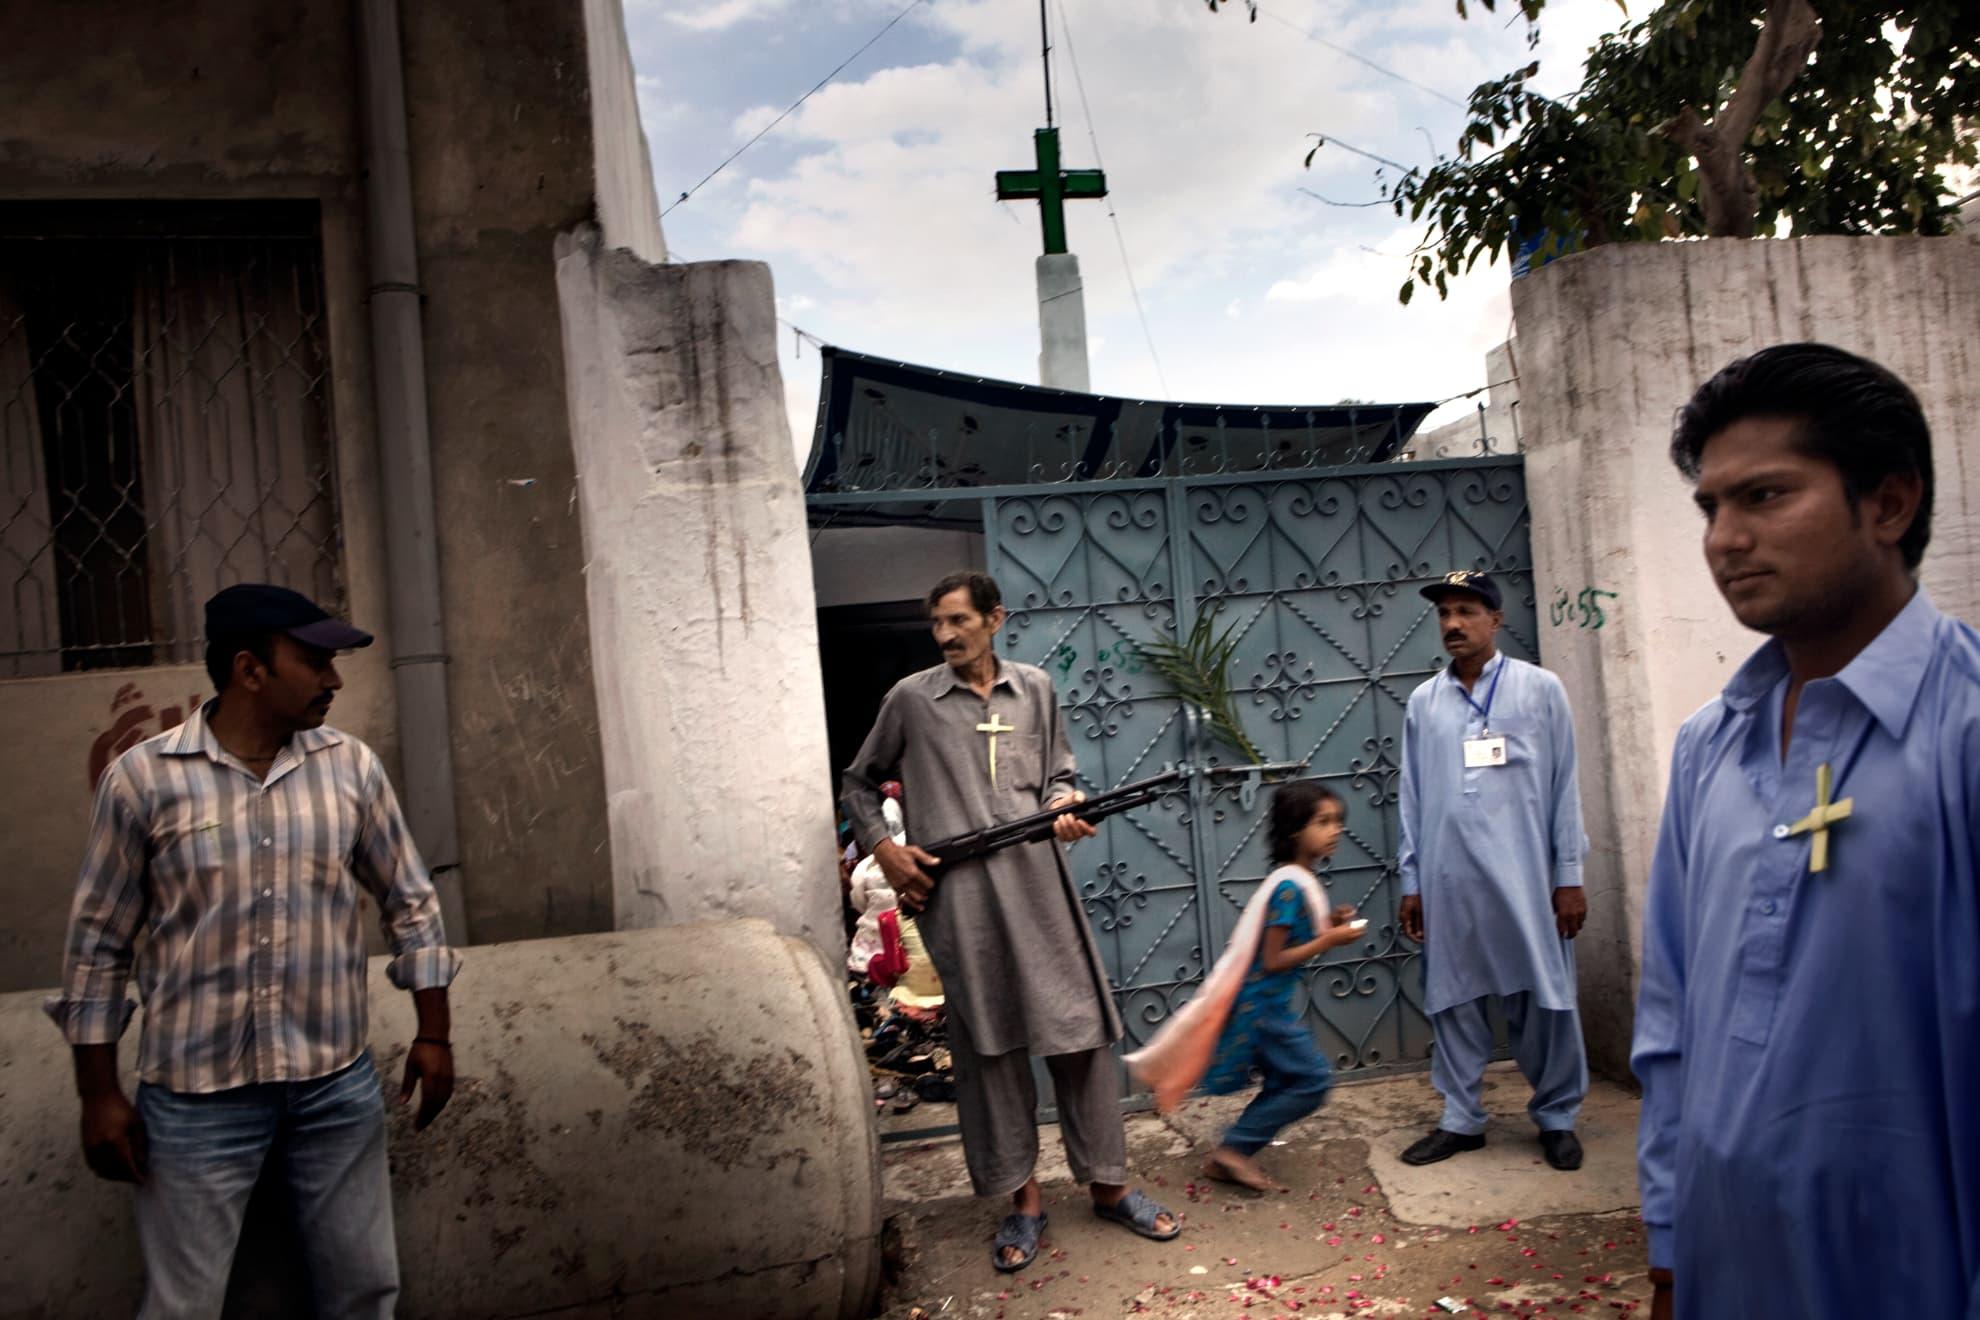 Iglesia de San Antonio, en Chakwal, Islamabad, Pakistán. La Charía islámica ha supuesto la persecución y una fuerte discriminación para esta minoría forzada a realizar los trabajos más humildes y a vivir segregada en guetos dentro de las ciudades.